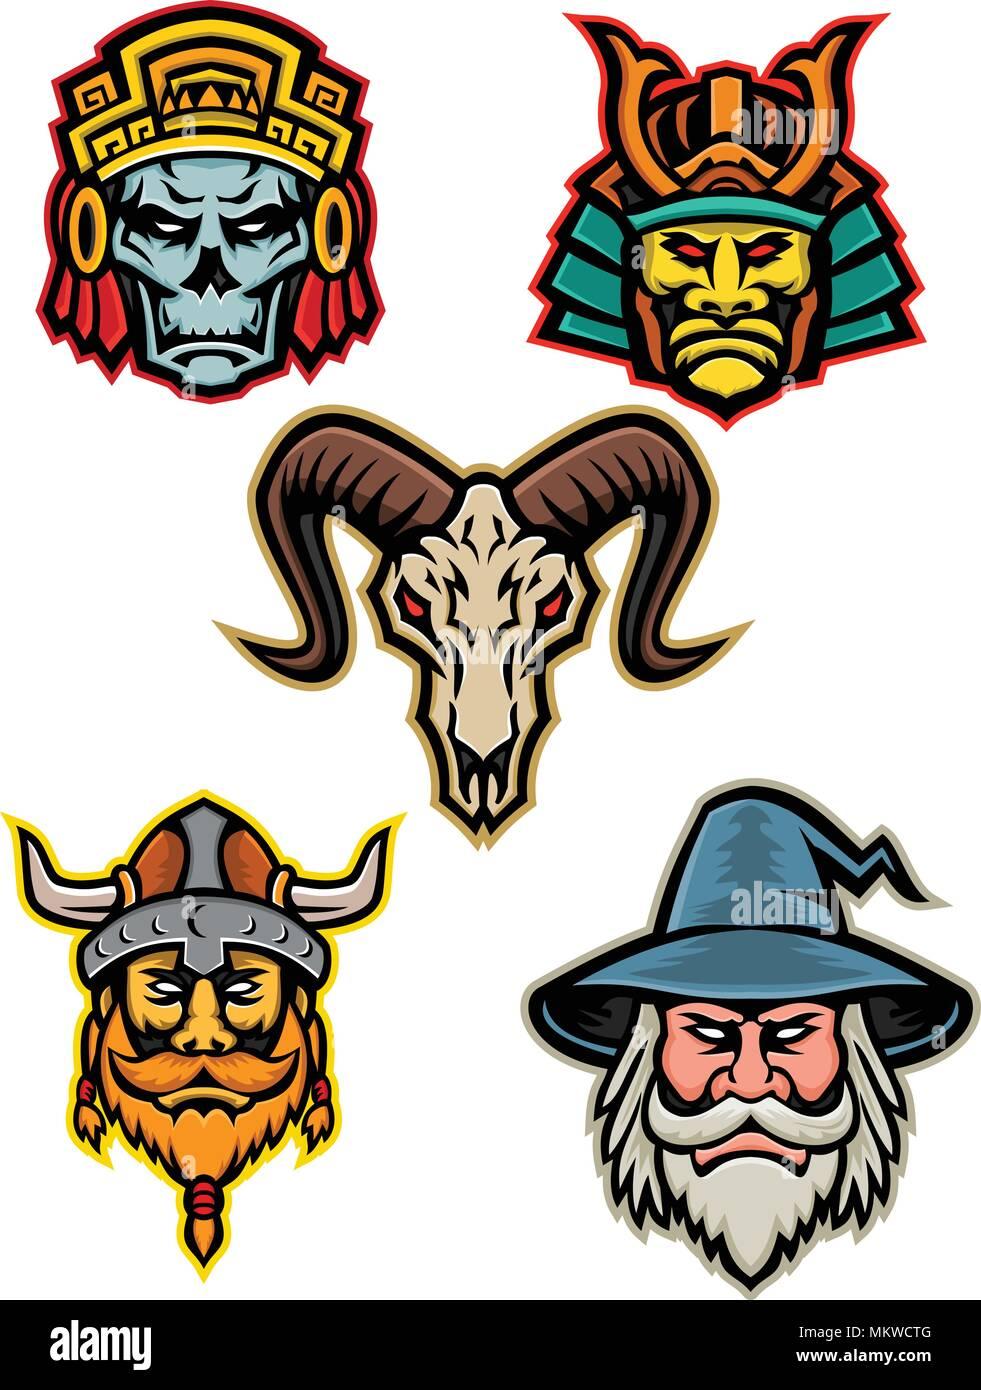 Icono De Mascota Ilustración Conjunto De Jefes De Un Guerrero Azteca